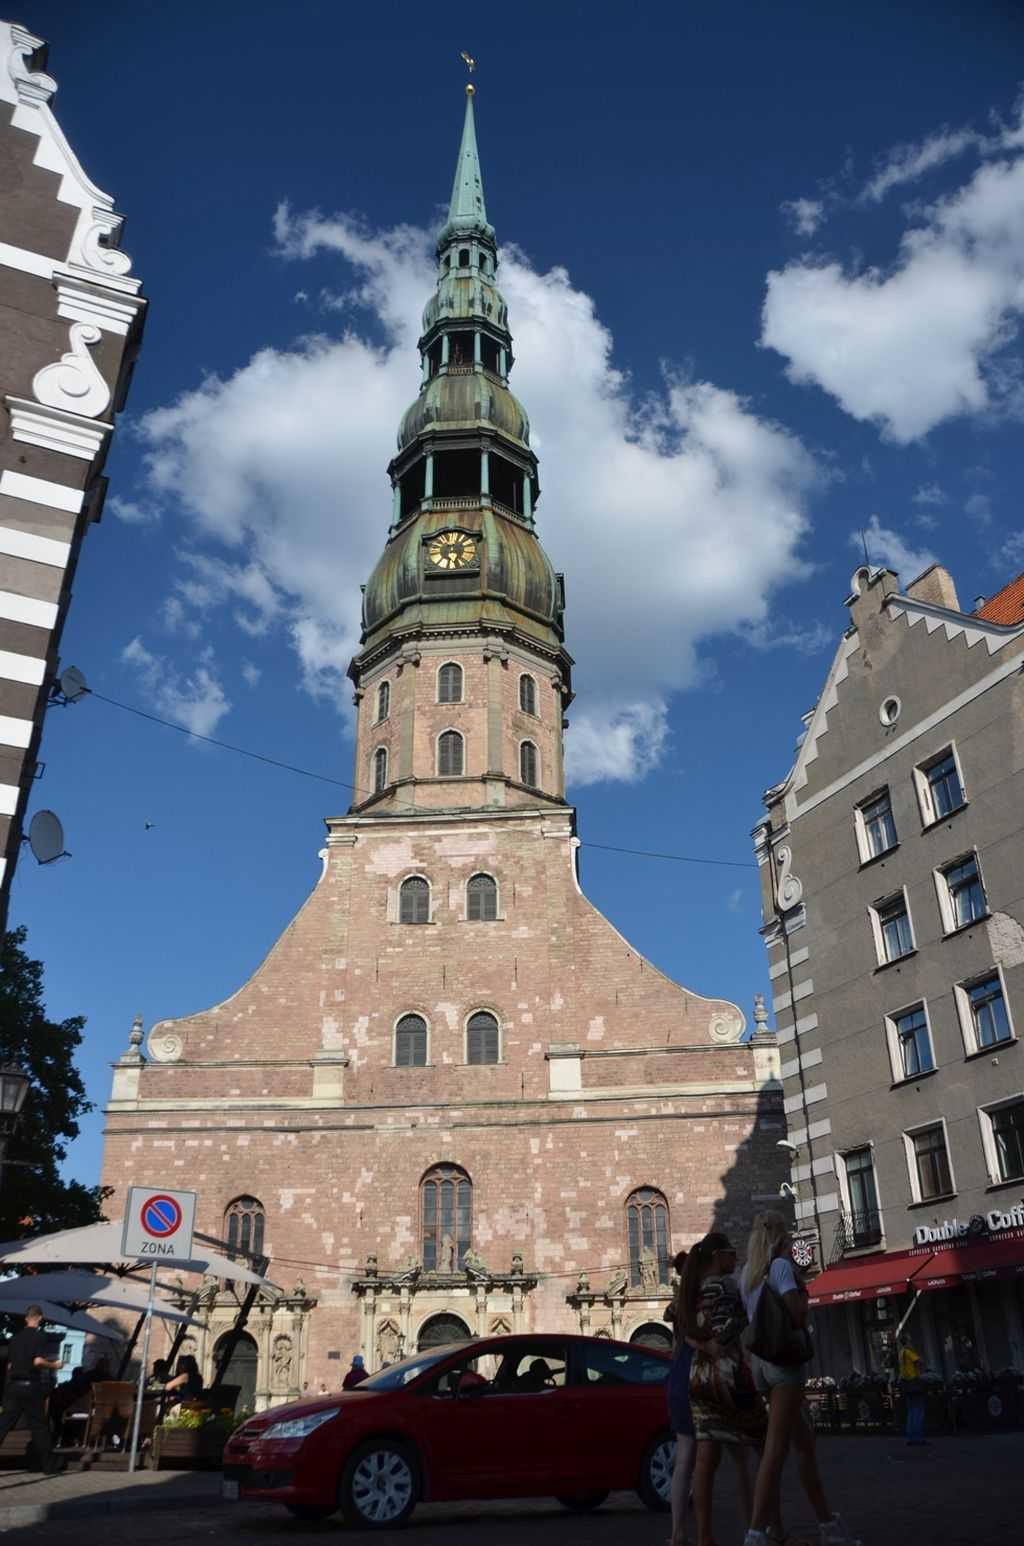 Letonya'nın başkenti Riga'da St. Peter's Kilisesi - Svētā Pētera Evaņģēliski Luteriskā Baznīca…